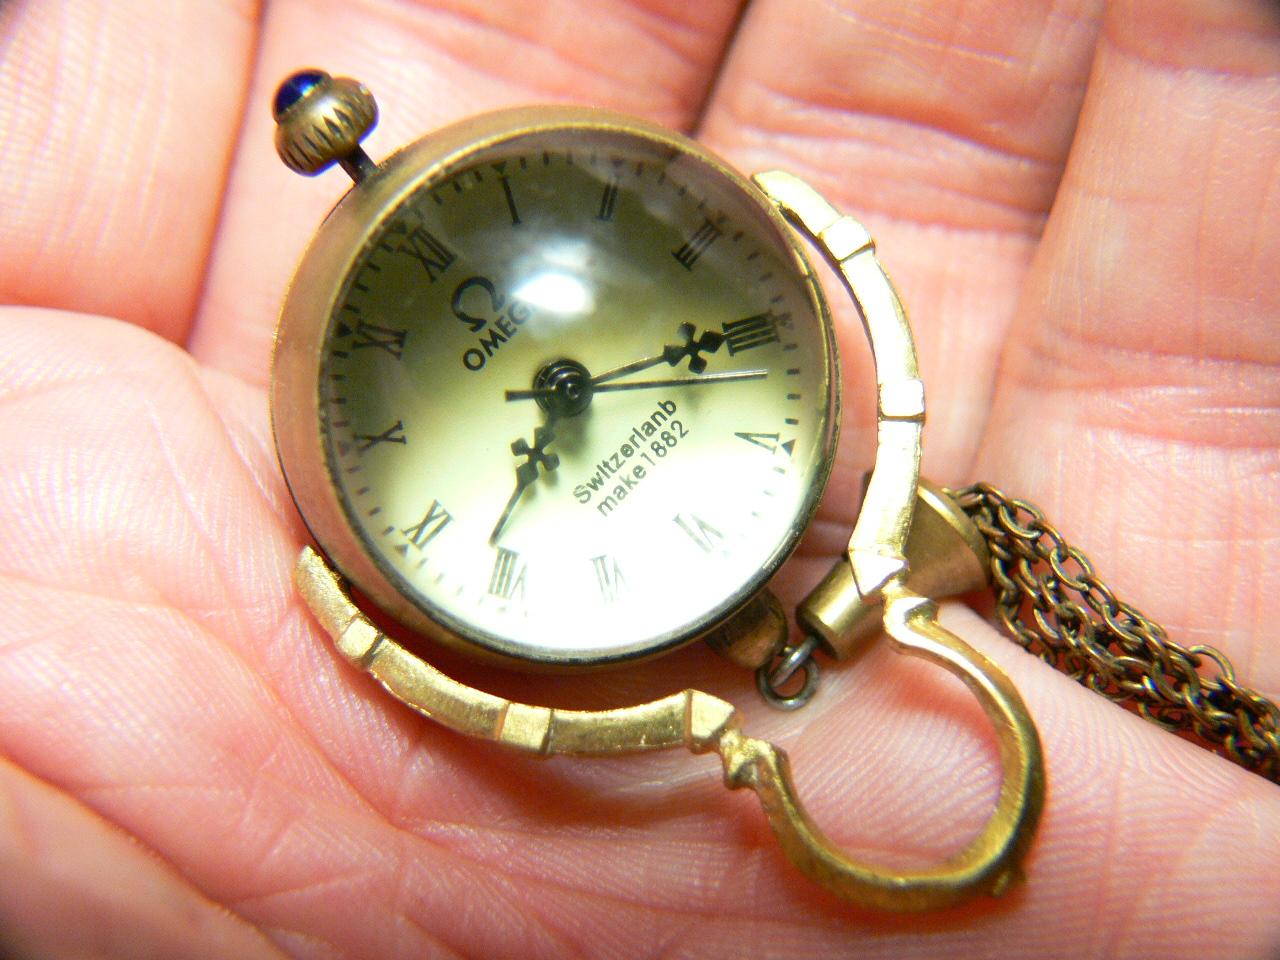 Показывает примерную область применения часов в условиях водной среды.